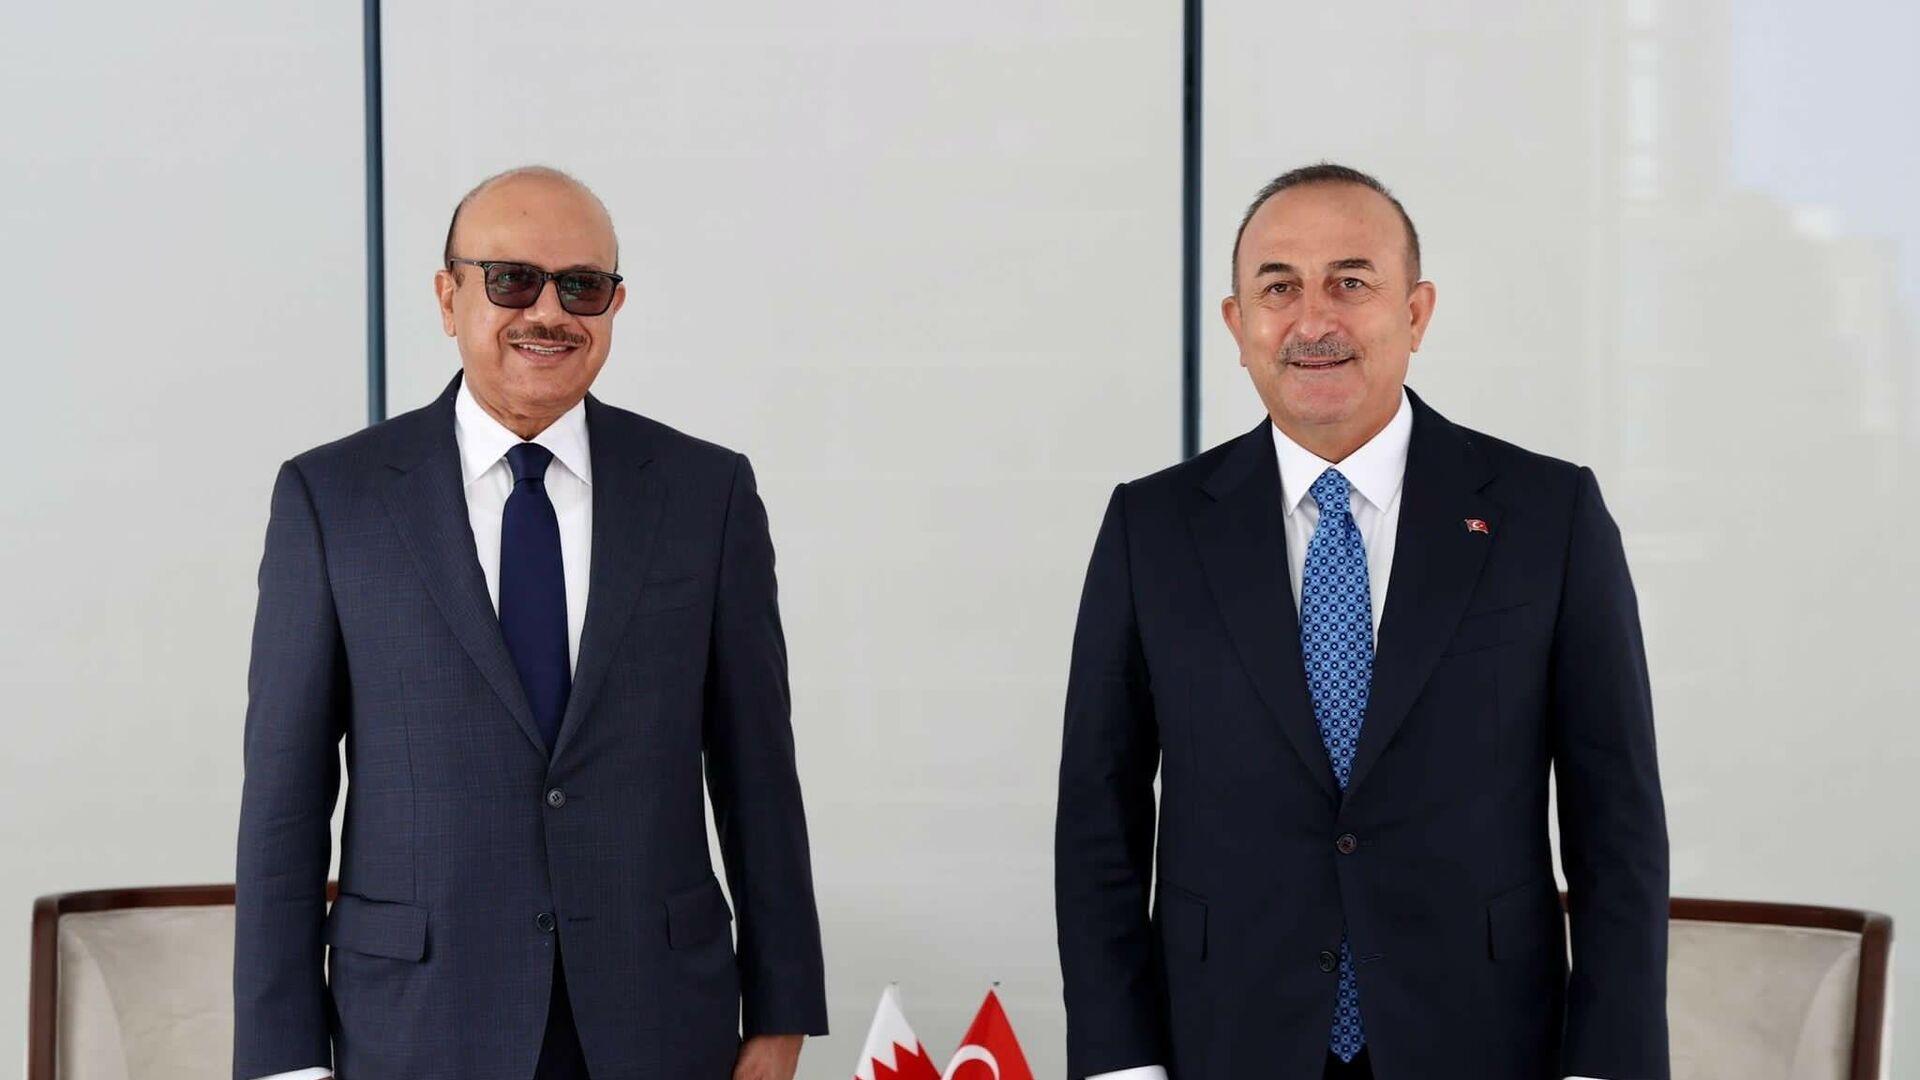 Çavuşoğlu, Bahreyn Dışişleri Bakanı Al Zayani ile görüştü - Sputnik Türkiye, 1920, 20.09.2021